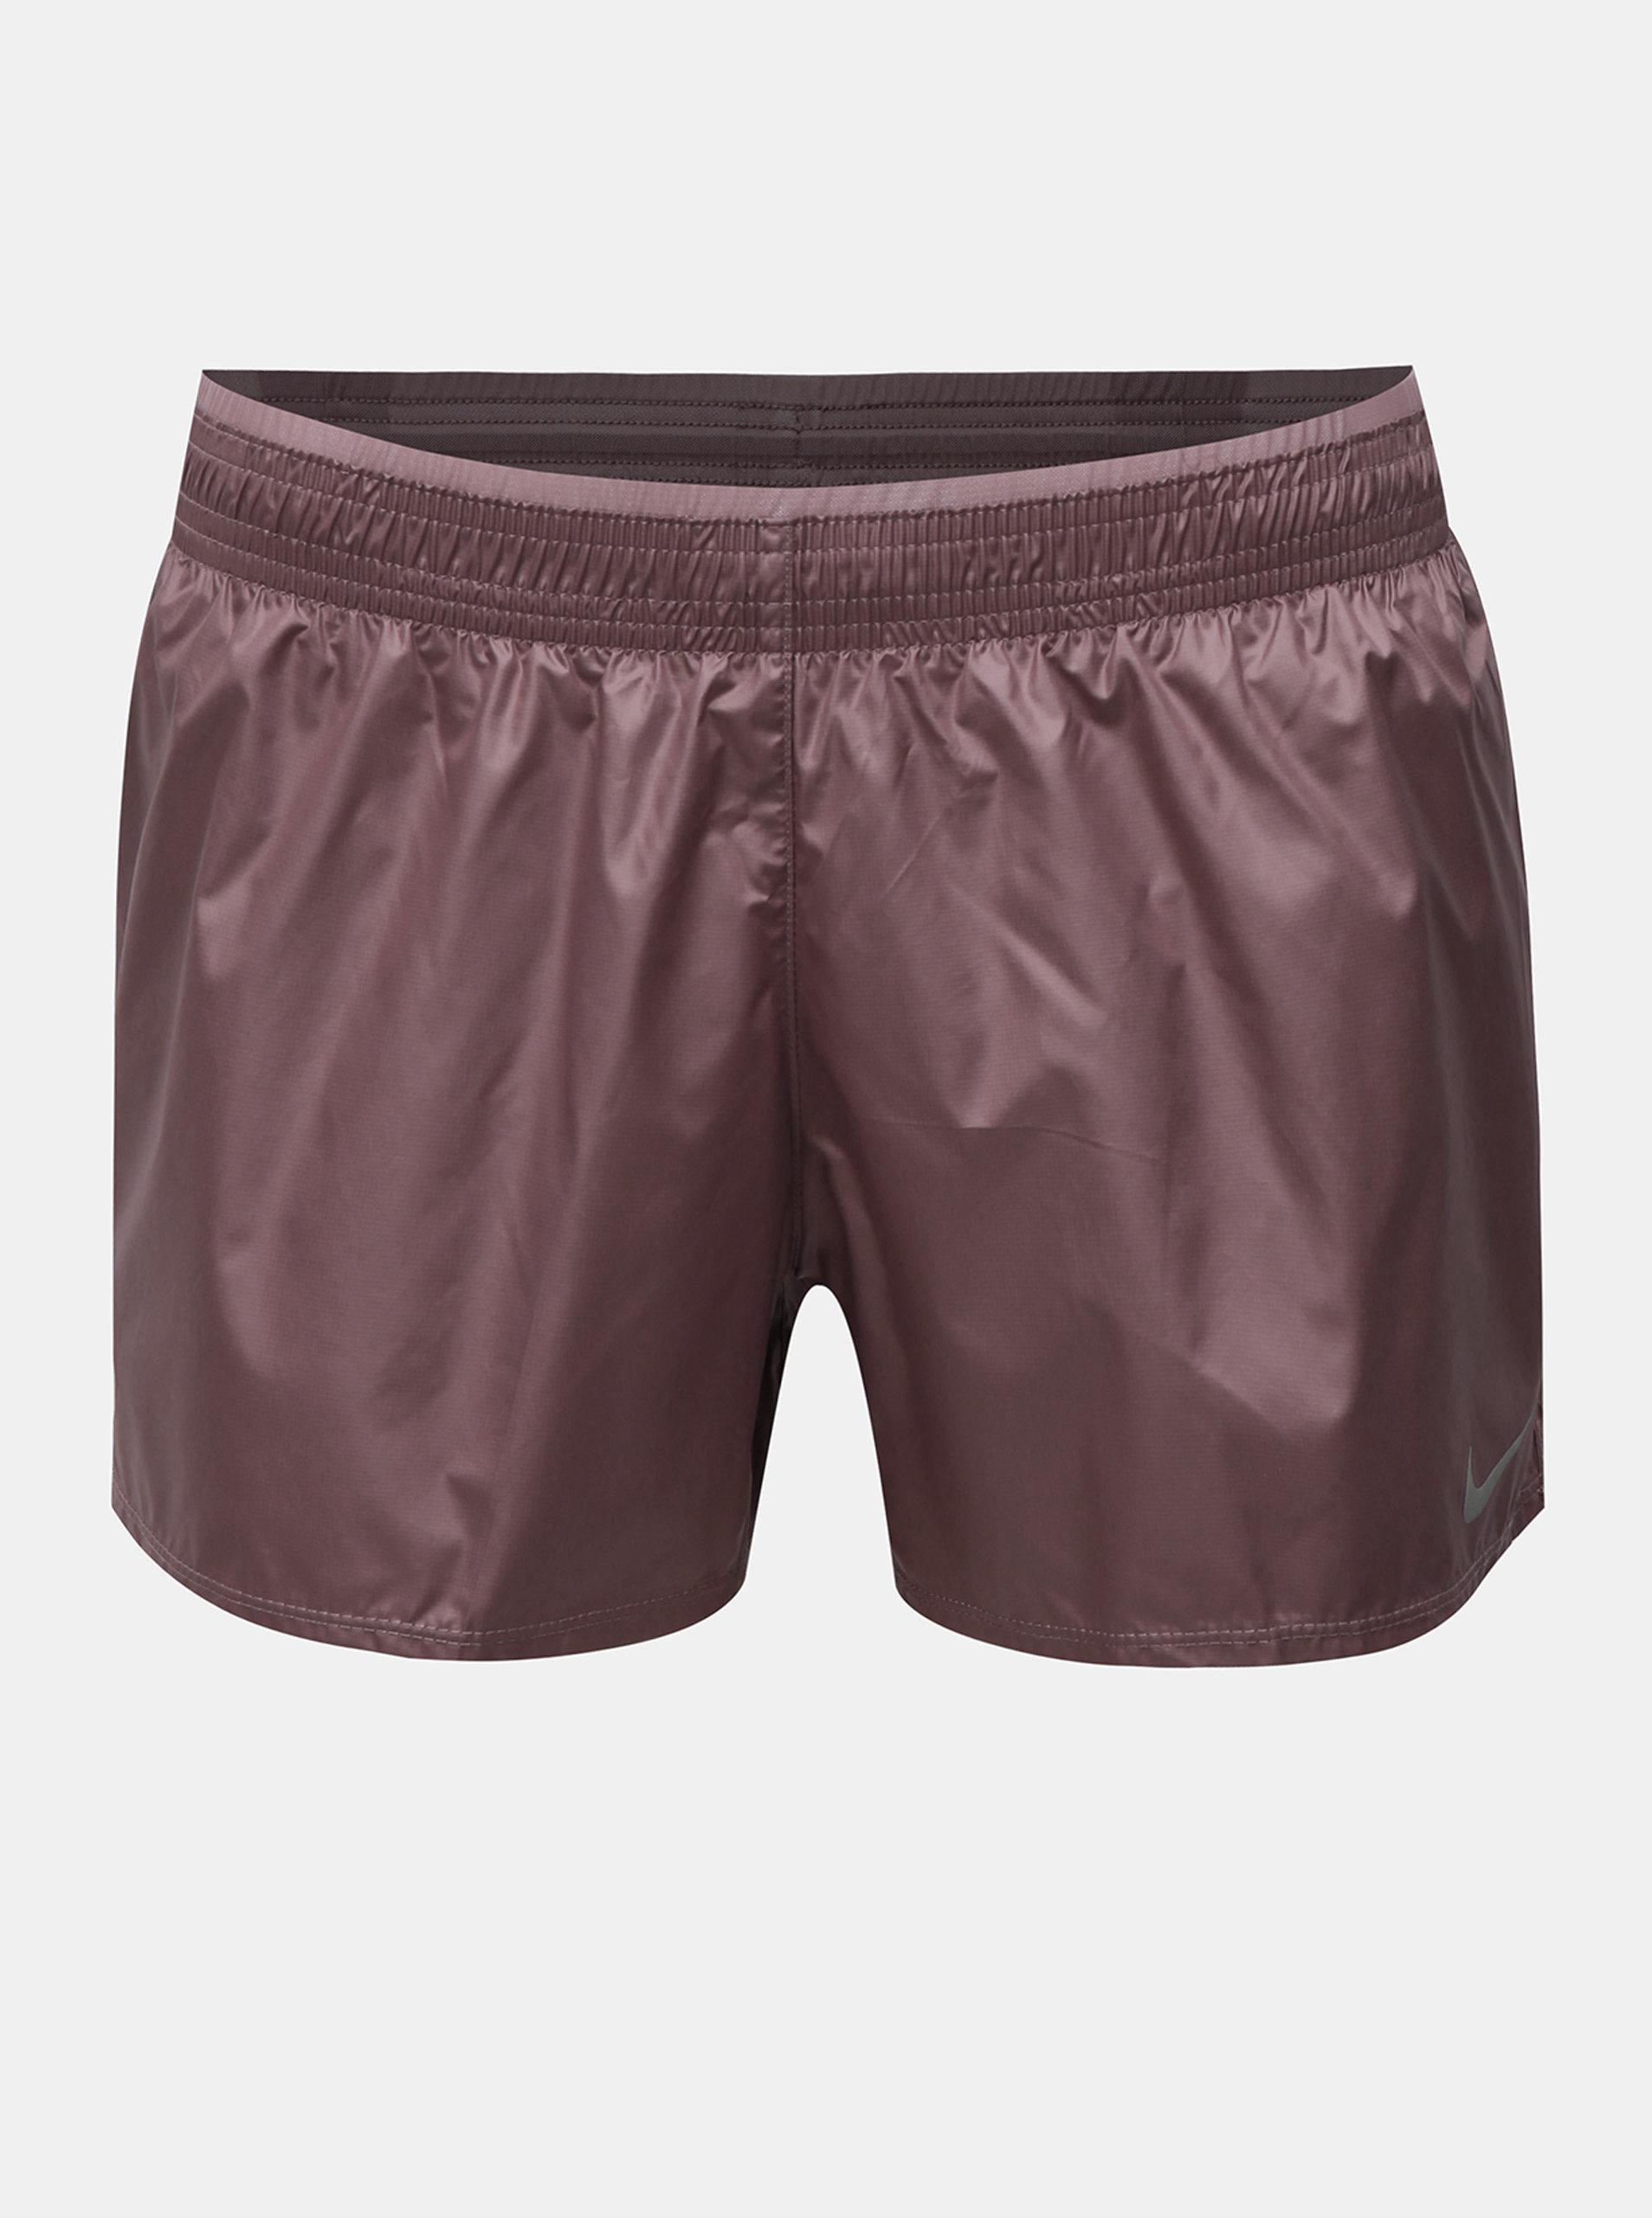 Starorůžové dámské funkční šusťákové kraťasy s všitou kalhotkovou částí Nike Cire